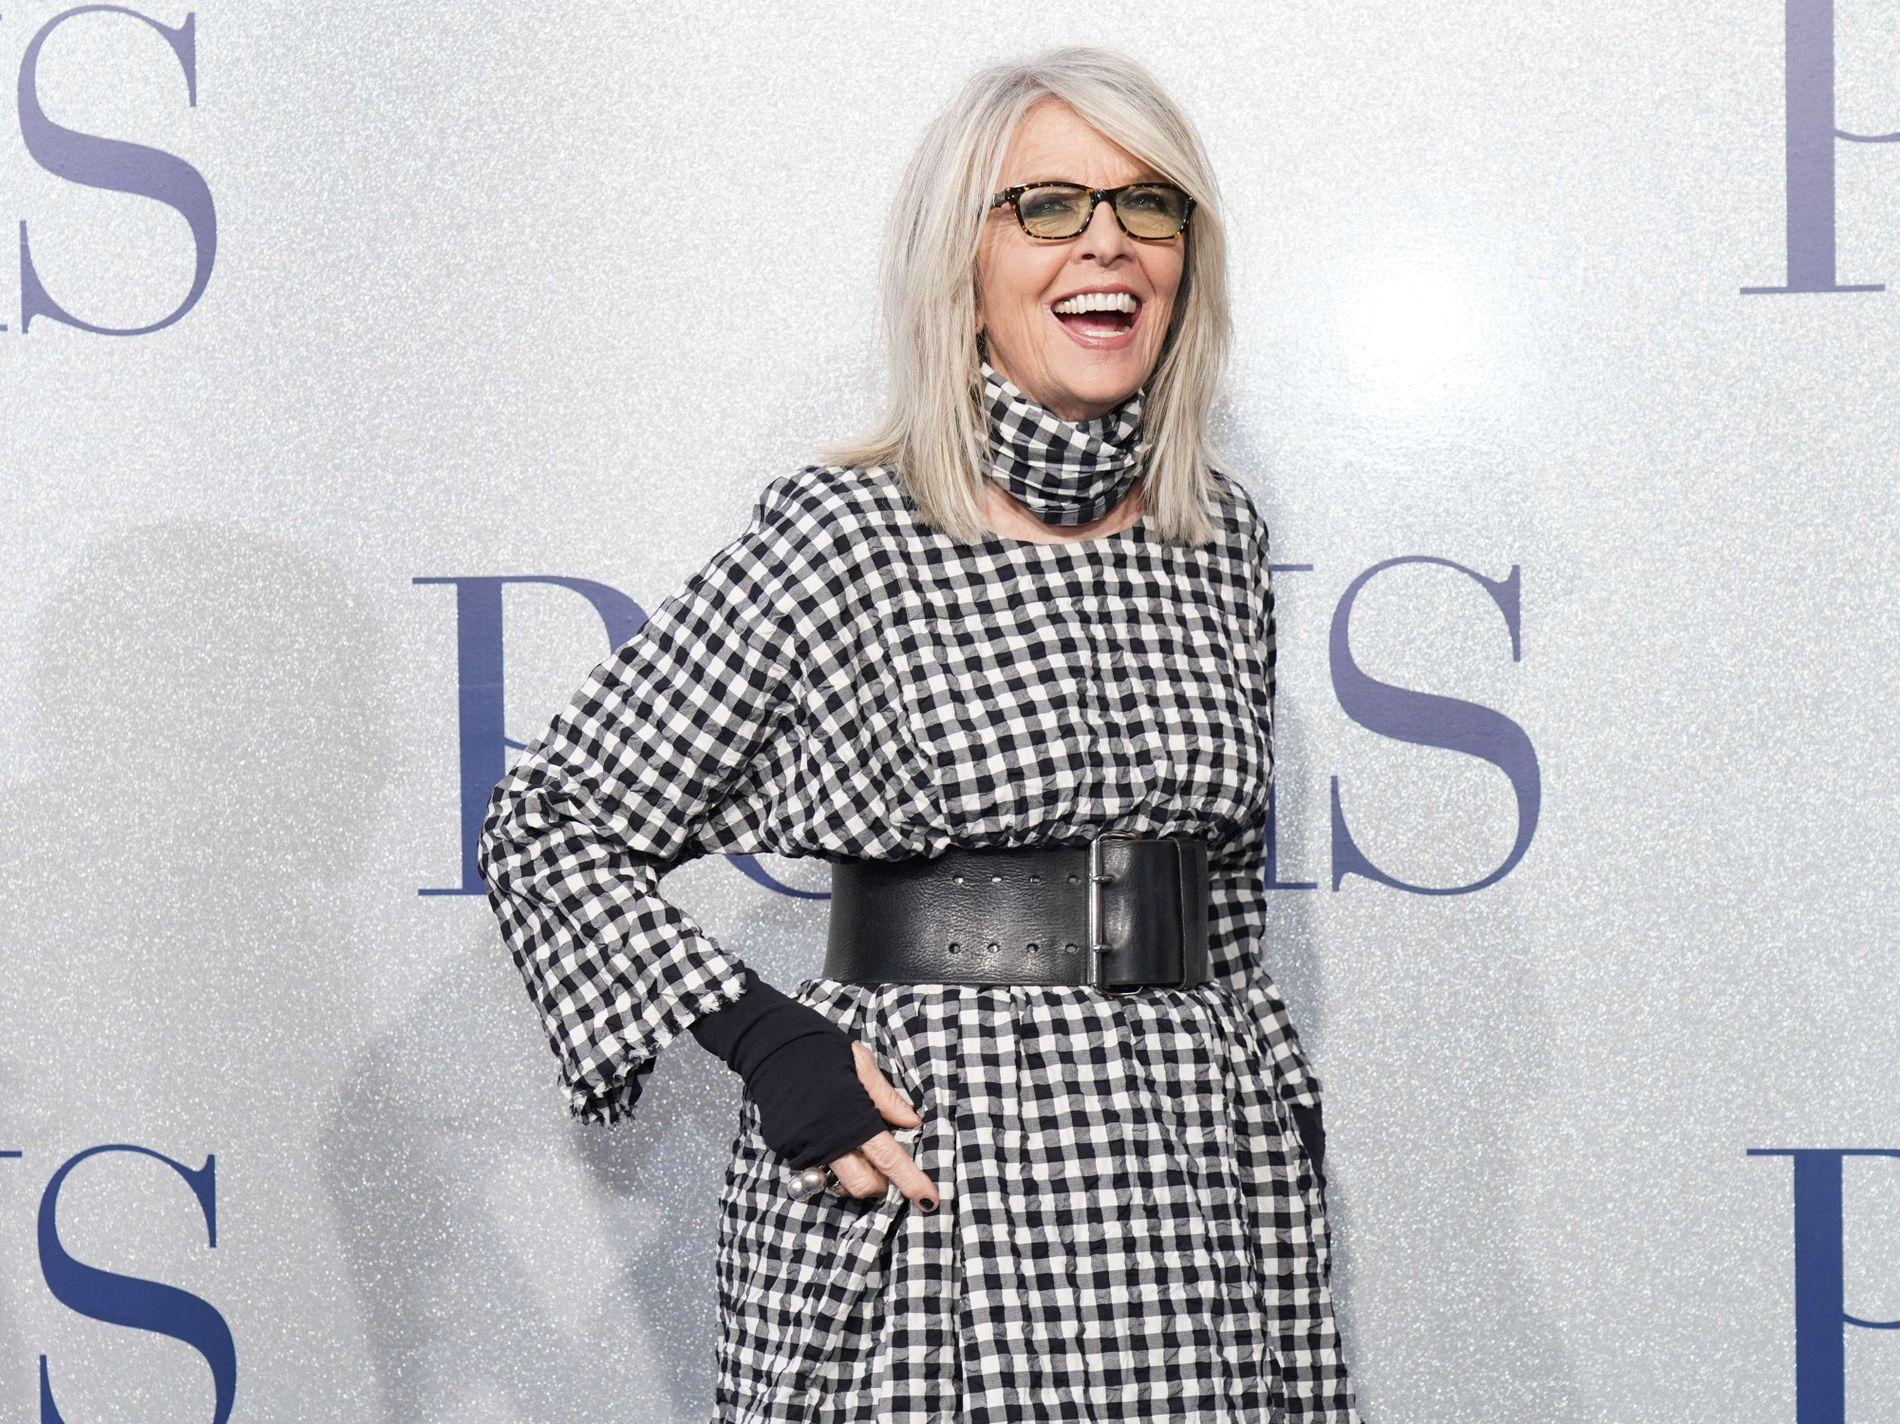 SINGEL HELE LIVET: 73 år gamle Diane Keaton sier at hun tror hun er den eneste kvinnen i sin generasjon som har vært singel hele livet.